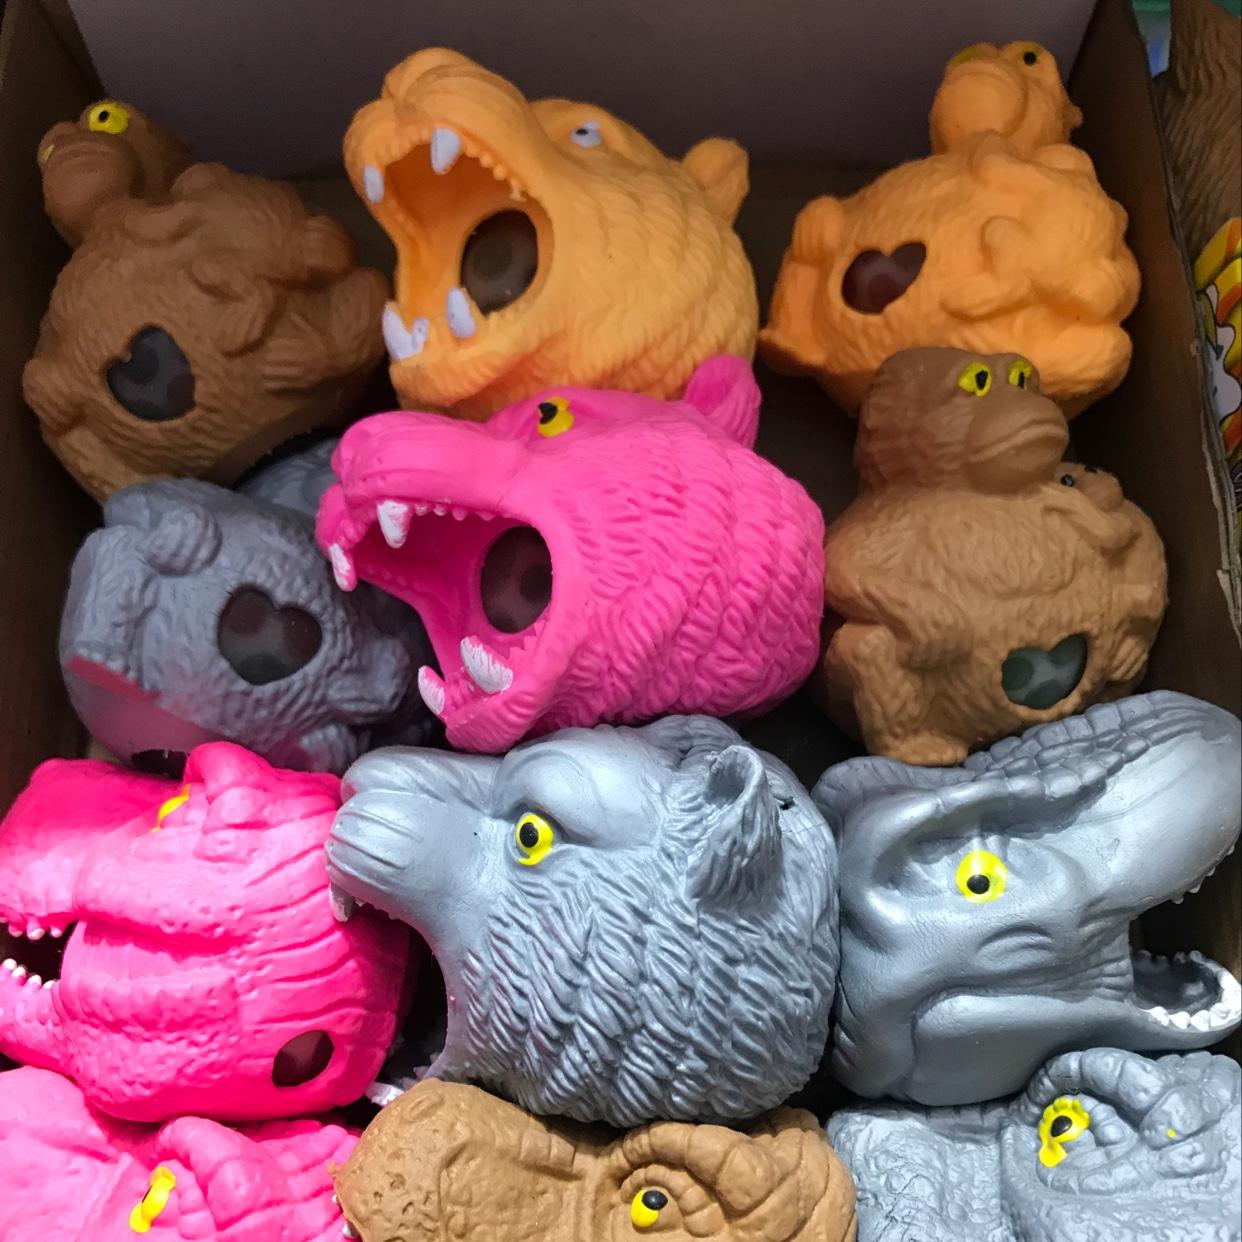 挤压动物,挤压减压,新奇特造型玩具,变色玩具